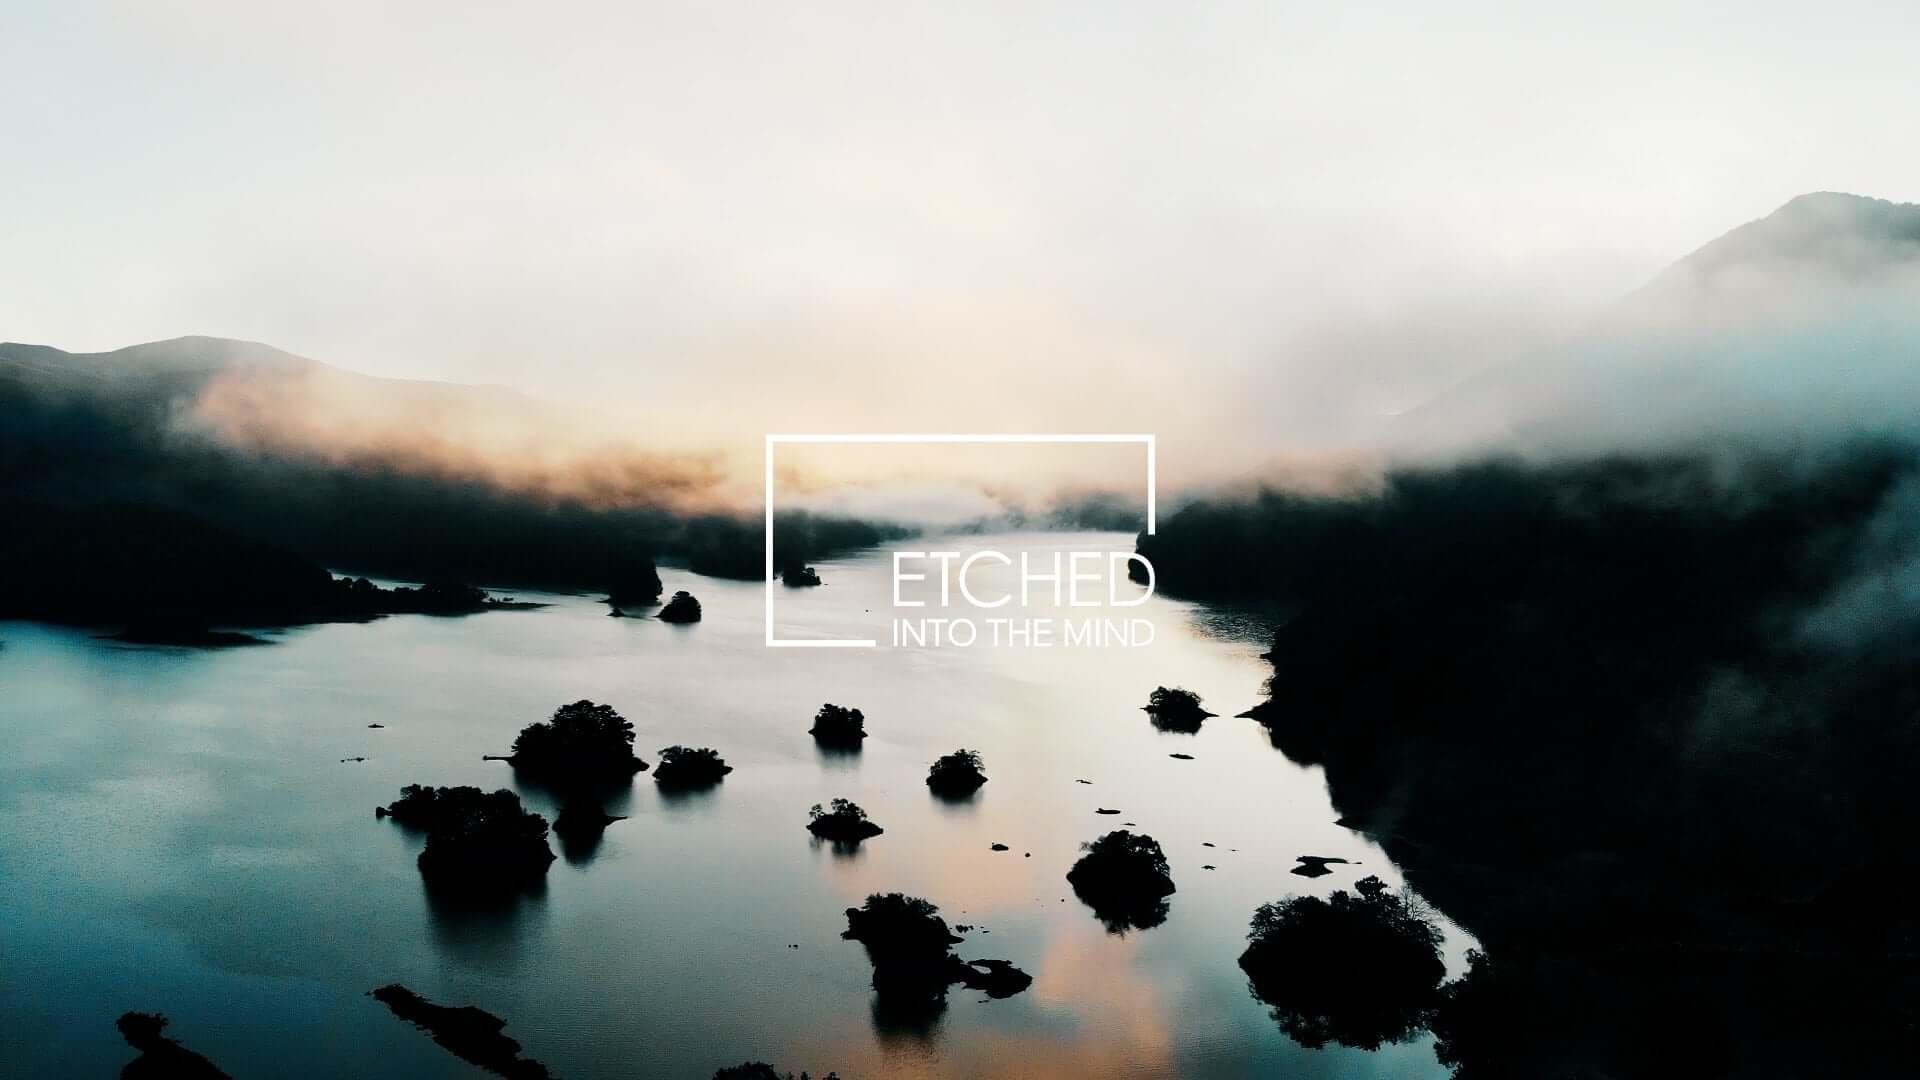 日本の風景&音楽を発信するアートプロジェクト「ETCHED」にSakura Tsurutaが登場!4Kのライブ映像が無料公開 music201120_etched_7-1920x1080